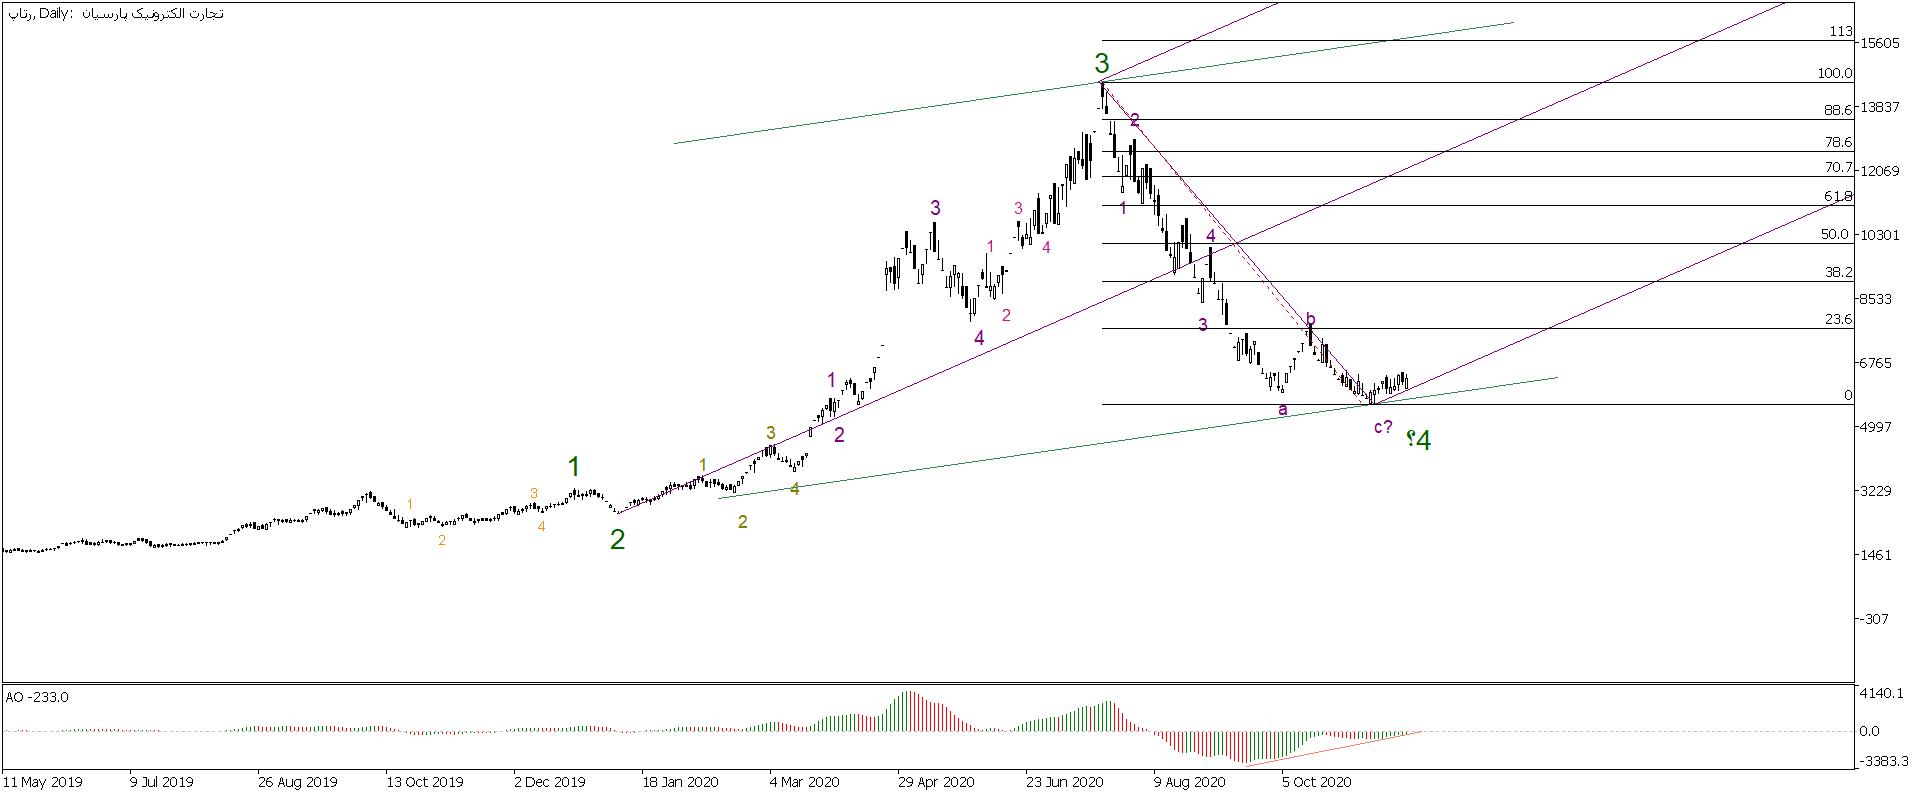 تحلیل تکنیکال سهام رتاپ (تجارت الکترونیک پارسیان)